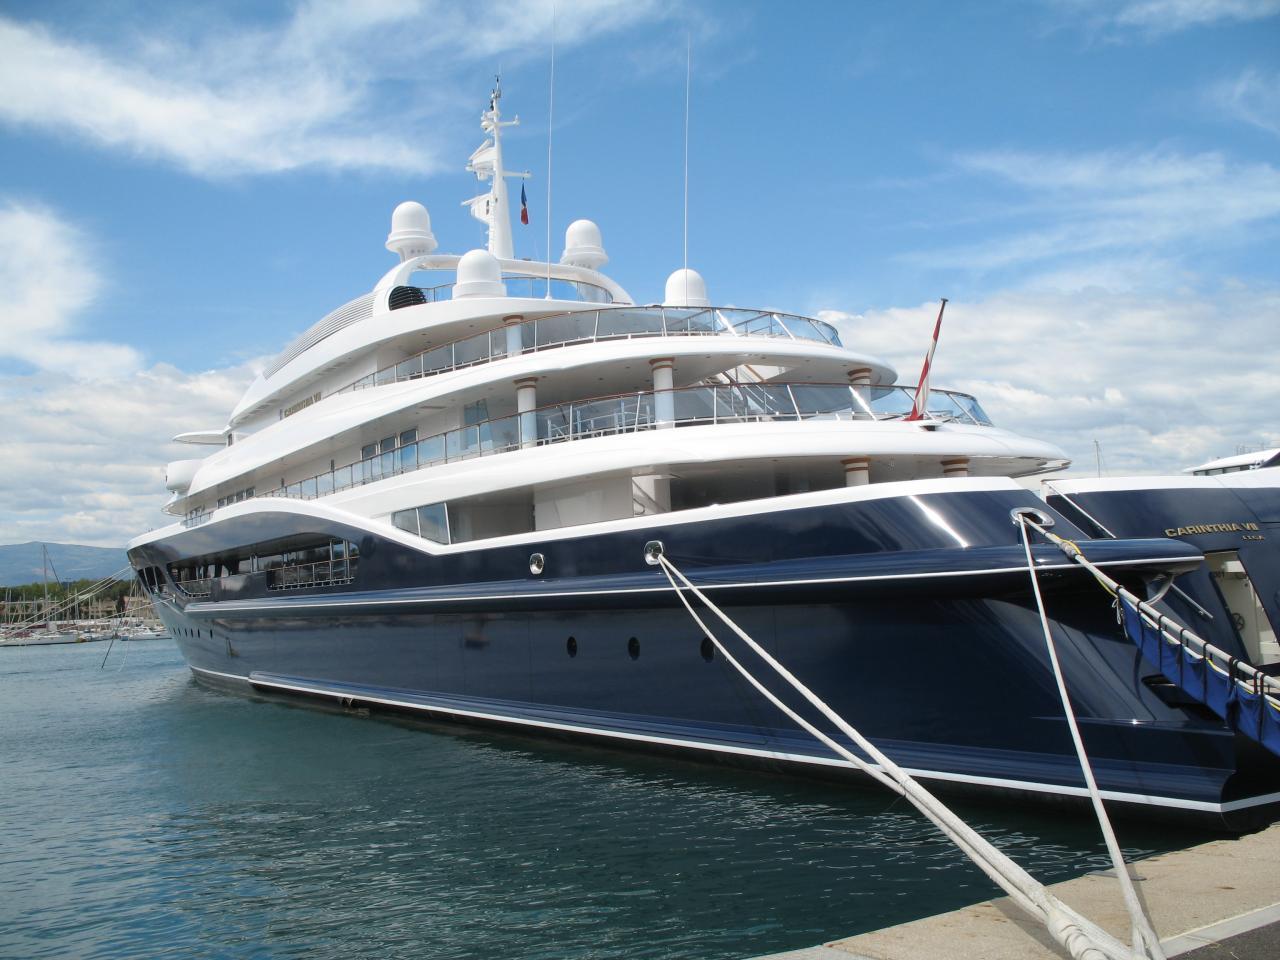 les yachts du quai des milliardaires à Antibe